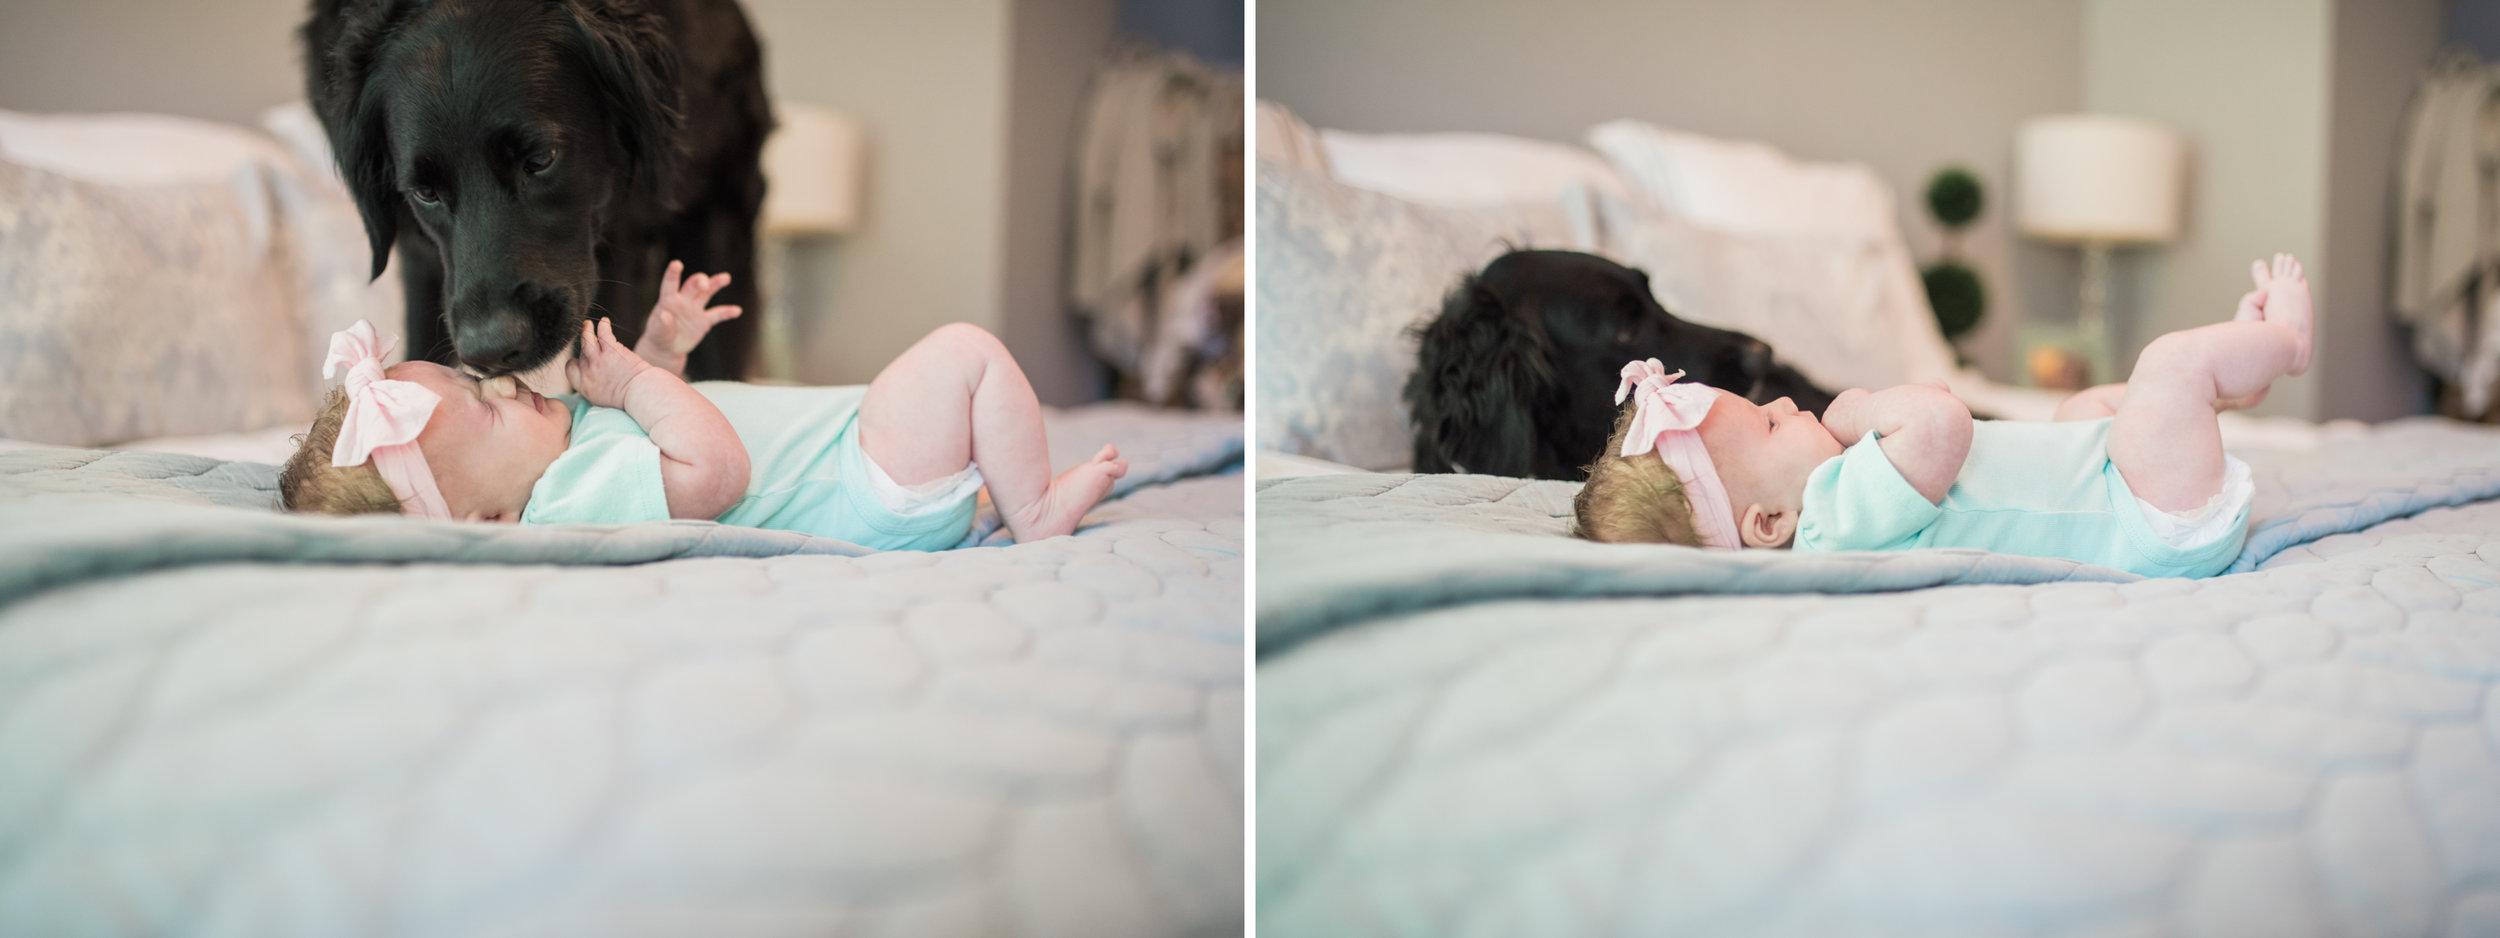 harford-county-newborn-photographer-breanna-kuhlmann-1.jpg